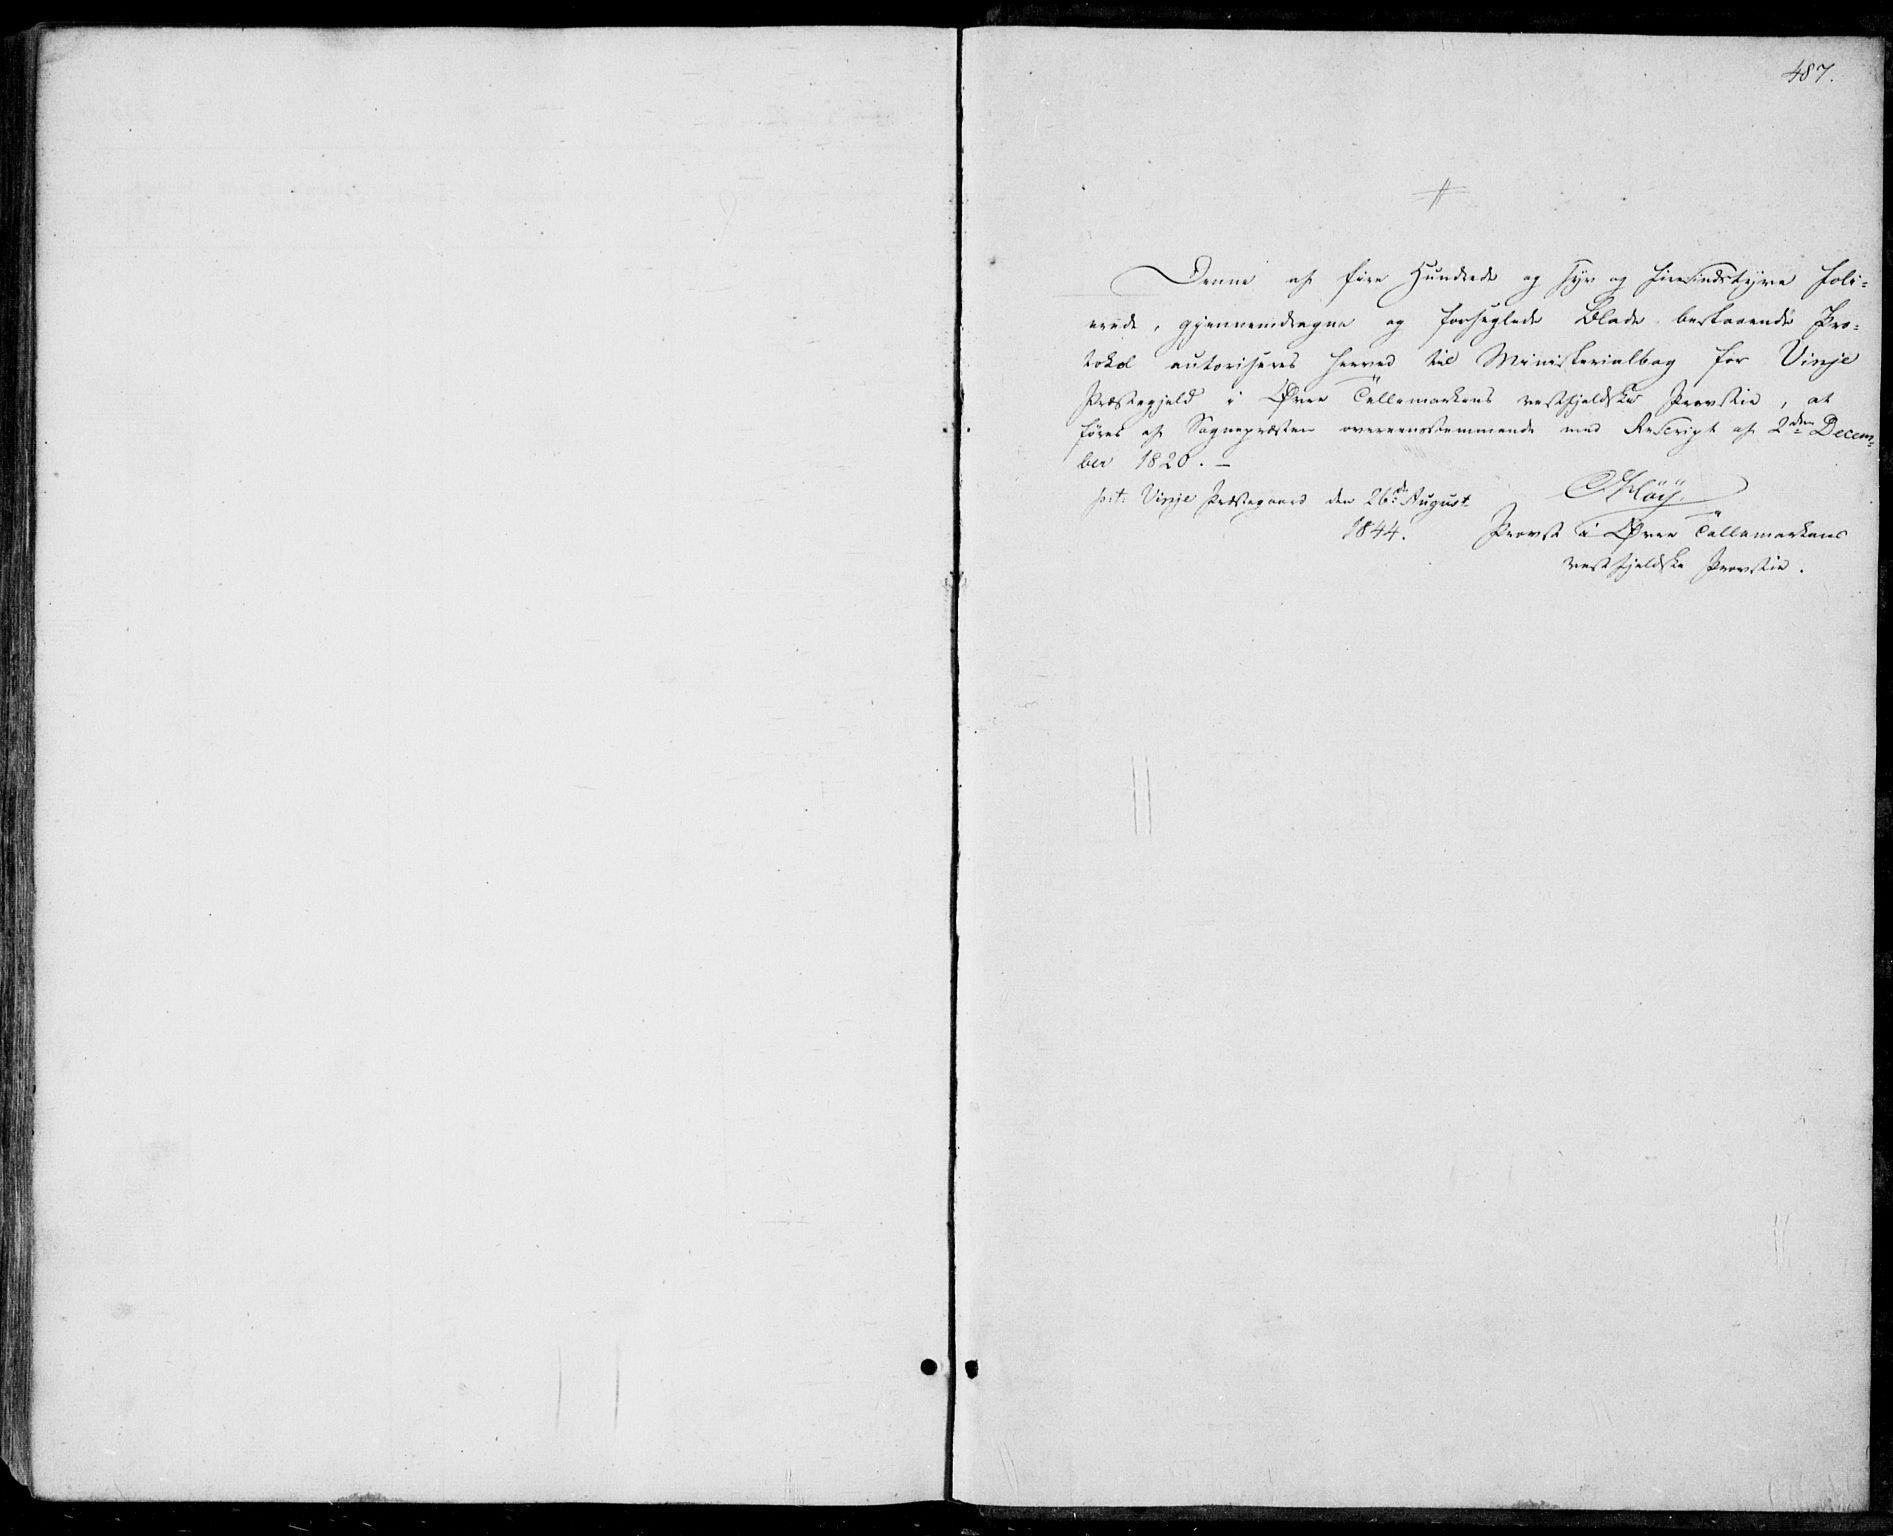 SAKO, Vinje kirkebøker, F/Fa/L0004: Ministerialbok nr. I 4, 1843-1869, s. 487